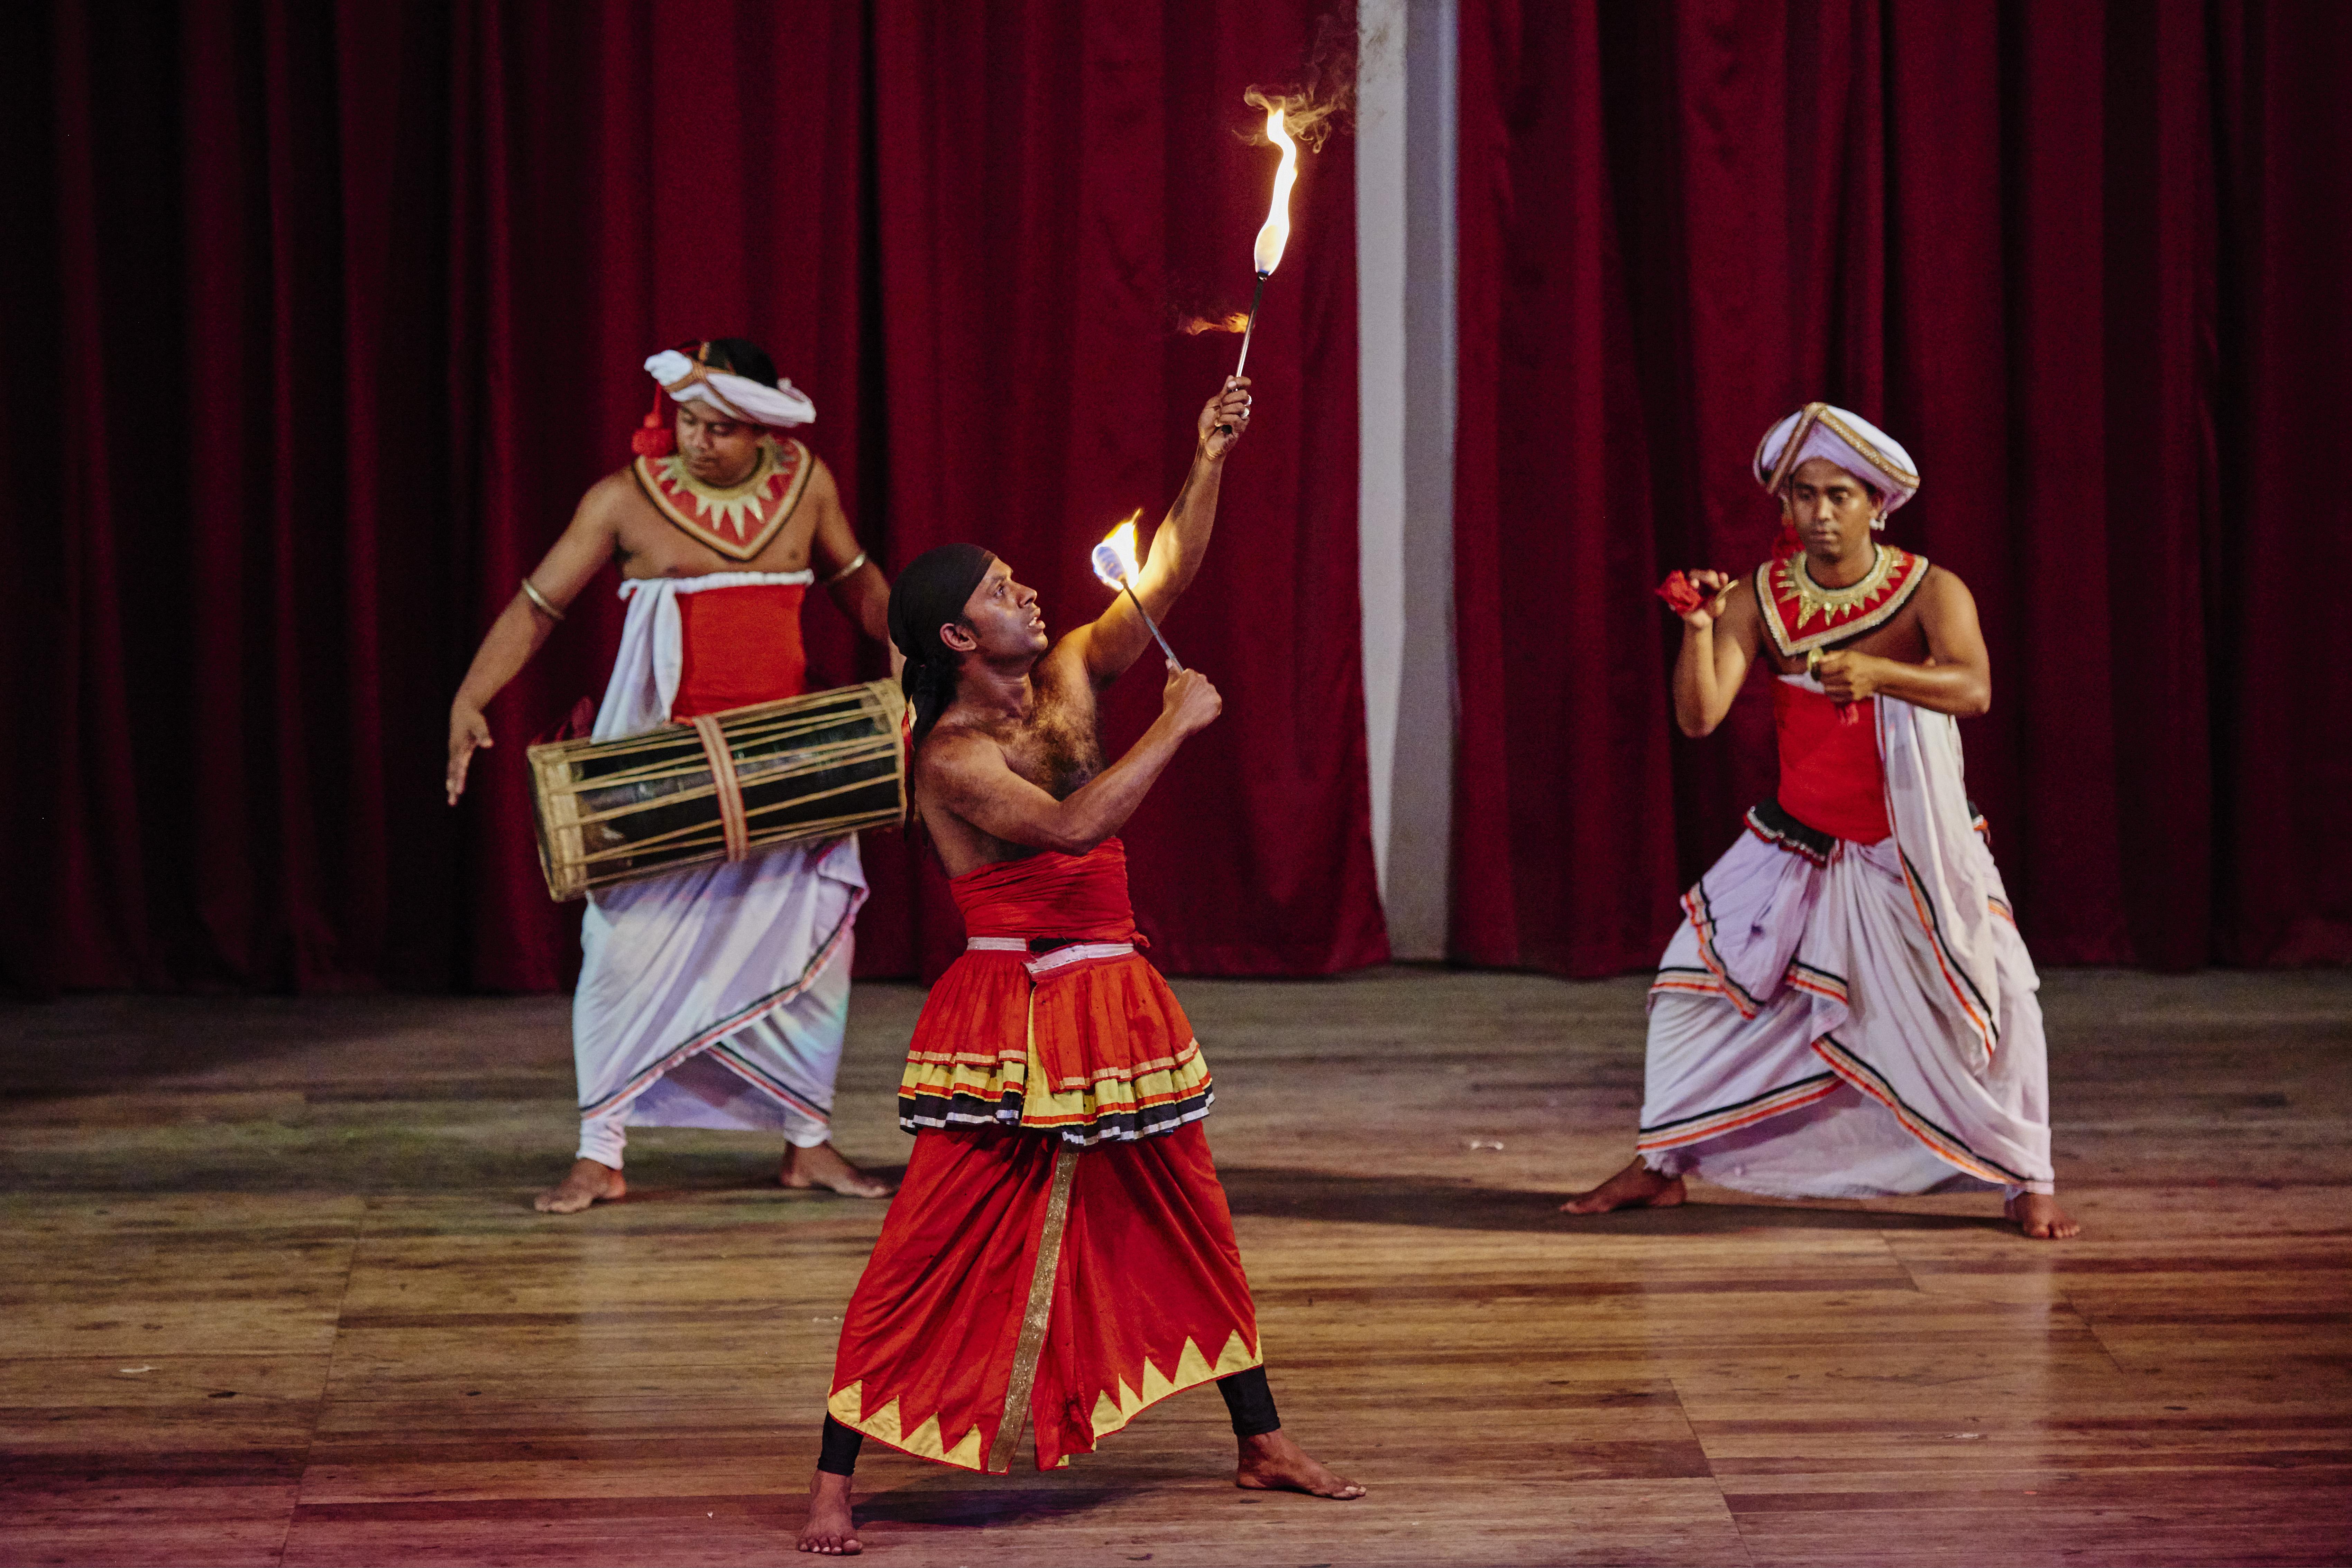 Sri Lanka, Kandy, Kandyan danse show